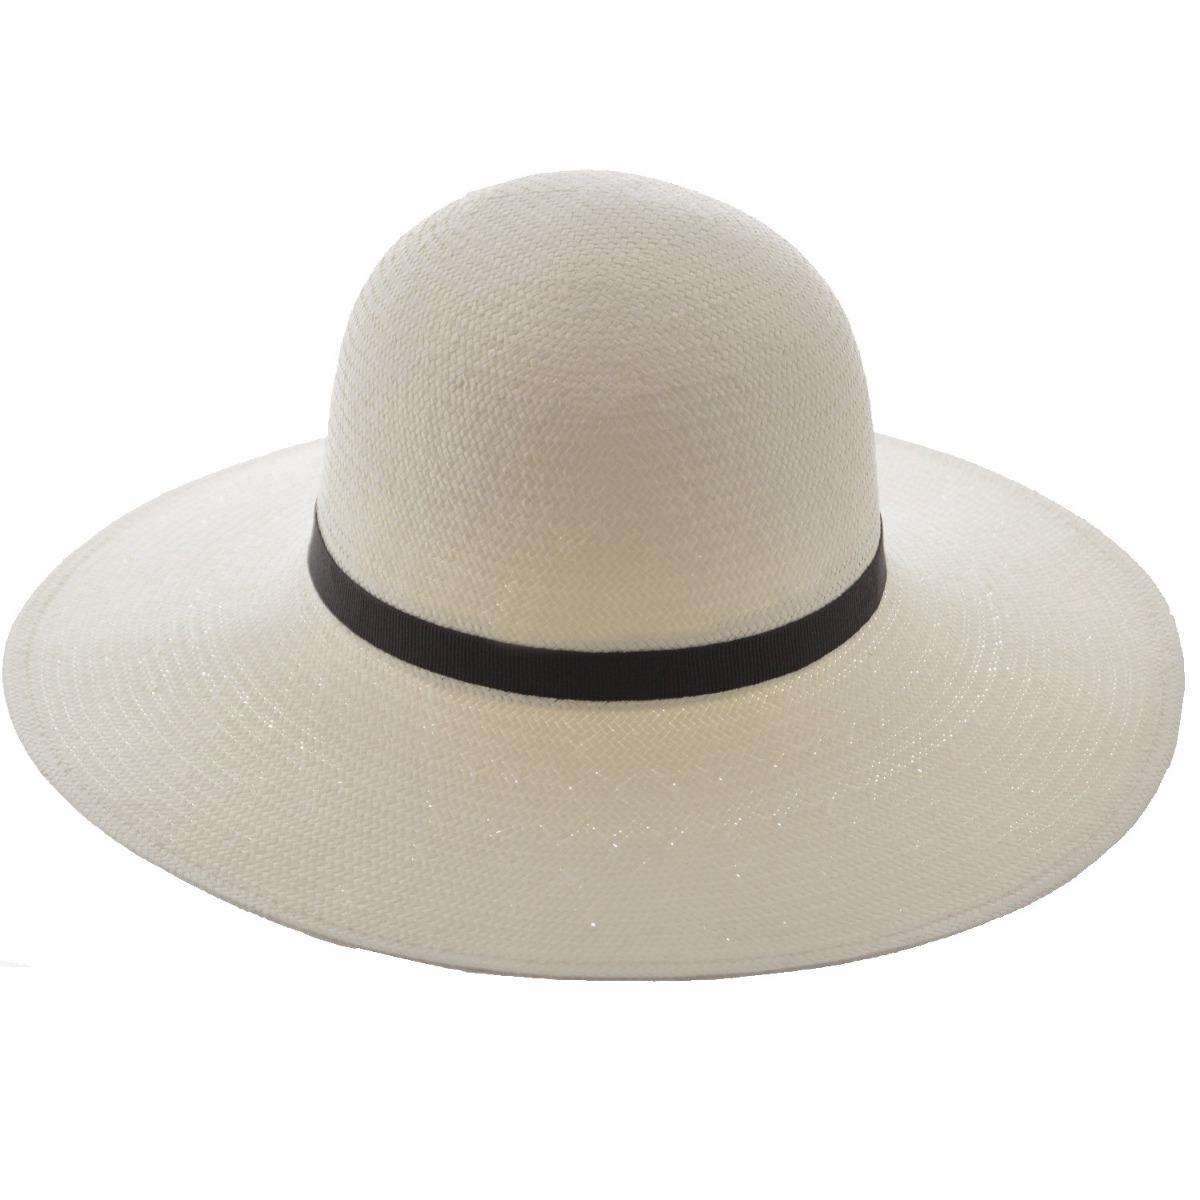 capelina simil panama compañia de sombreros m527551g. Cargando zoom. 33a4ad5f85d